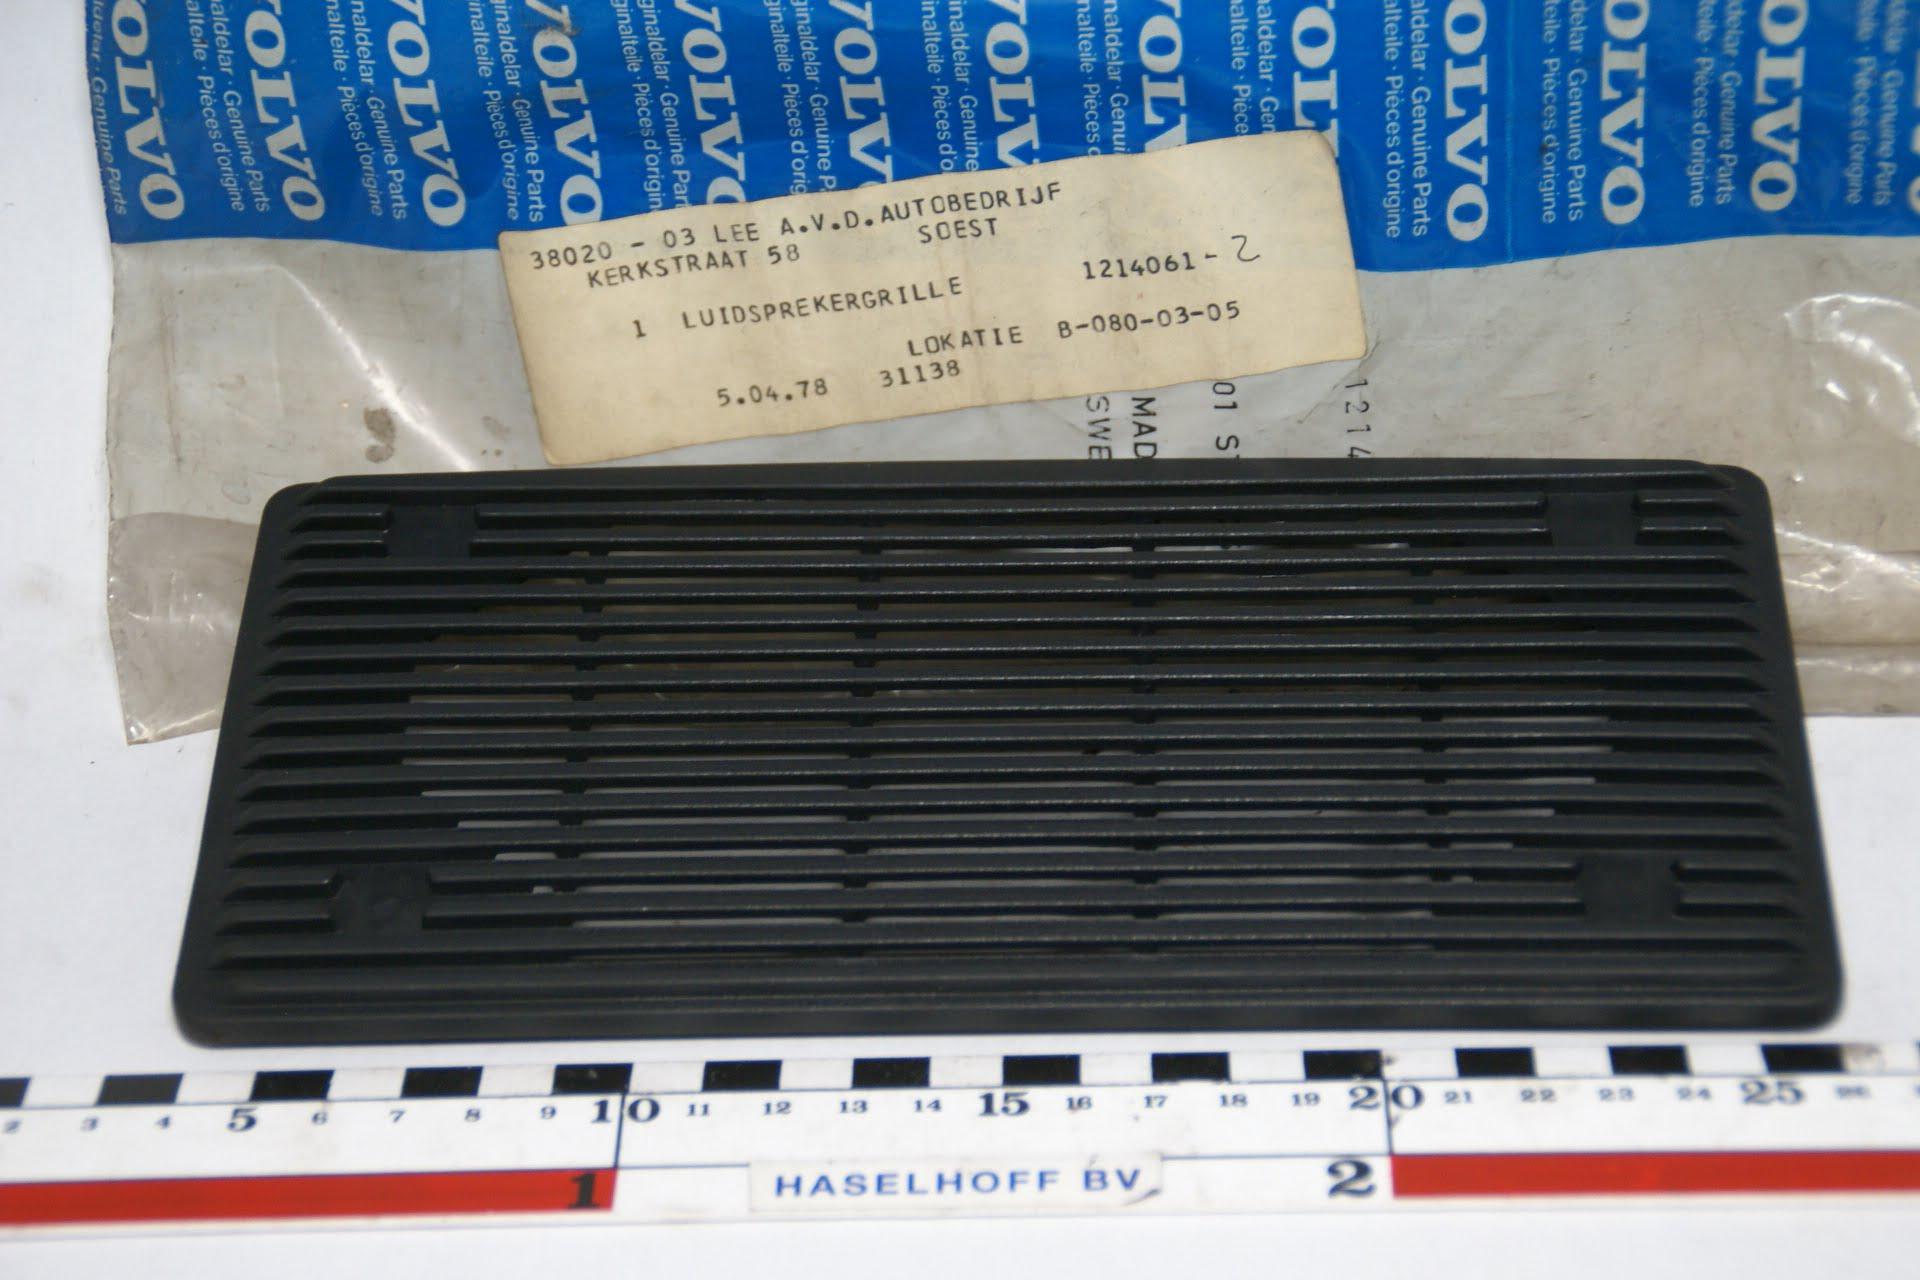 luidspreker rooster 1214061-0